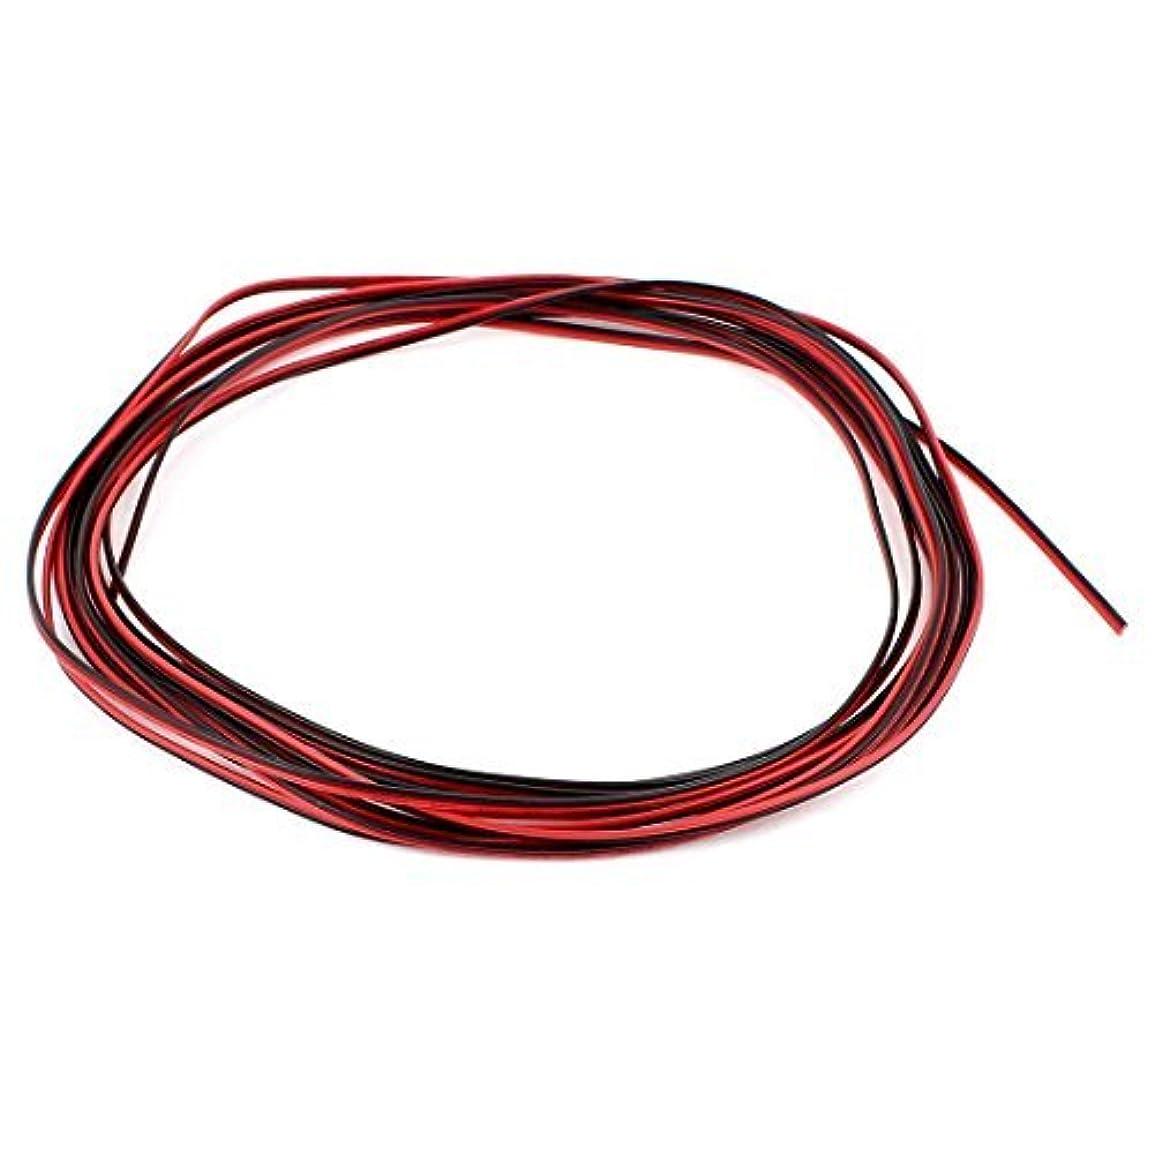 ブロック歩行者経度eDealMax 16.4フィート 28AWG 0.1mm2 Rosso Nero デュアルコアワイヤー altoparlante dell'automobile LED